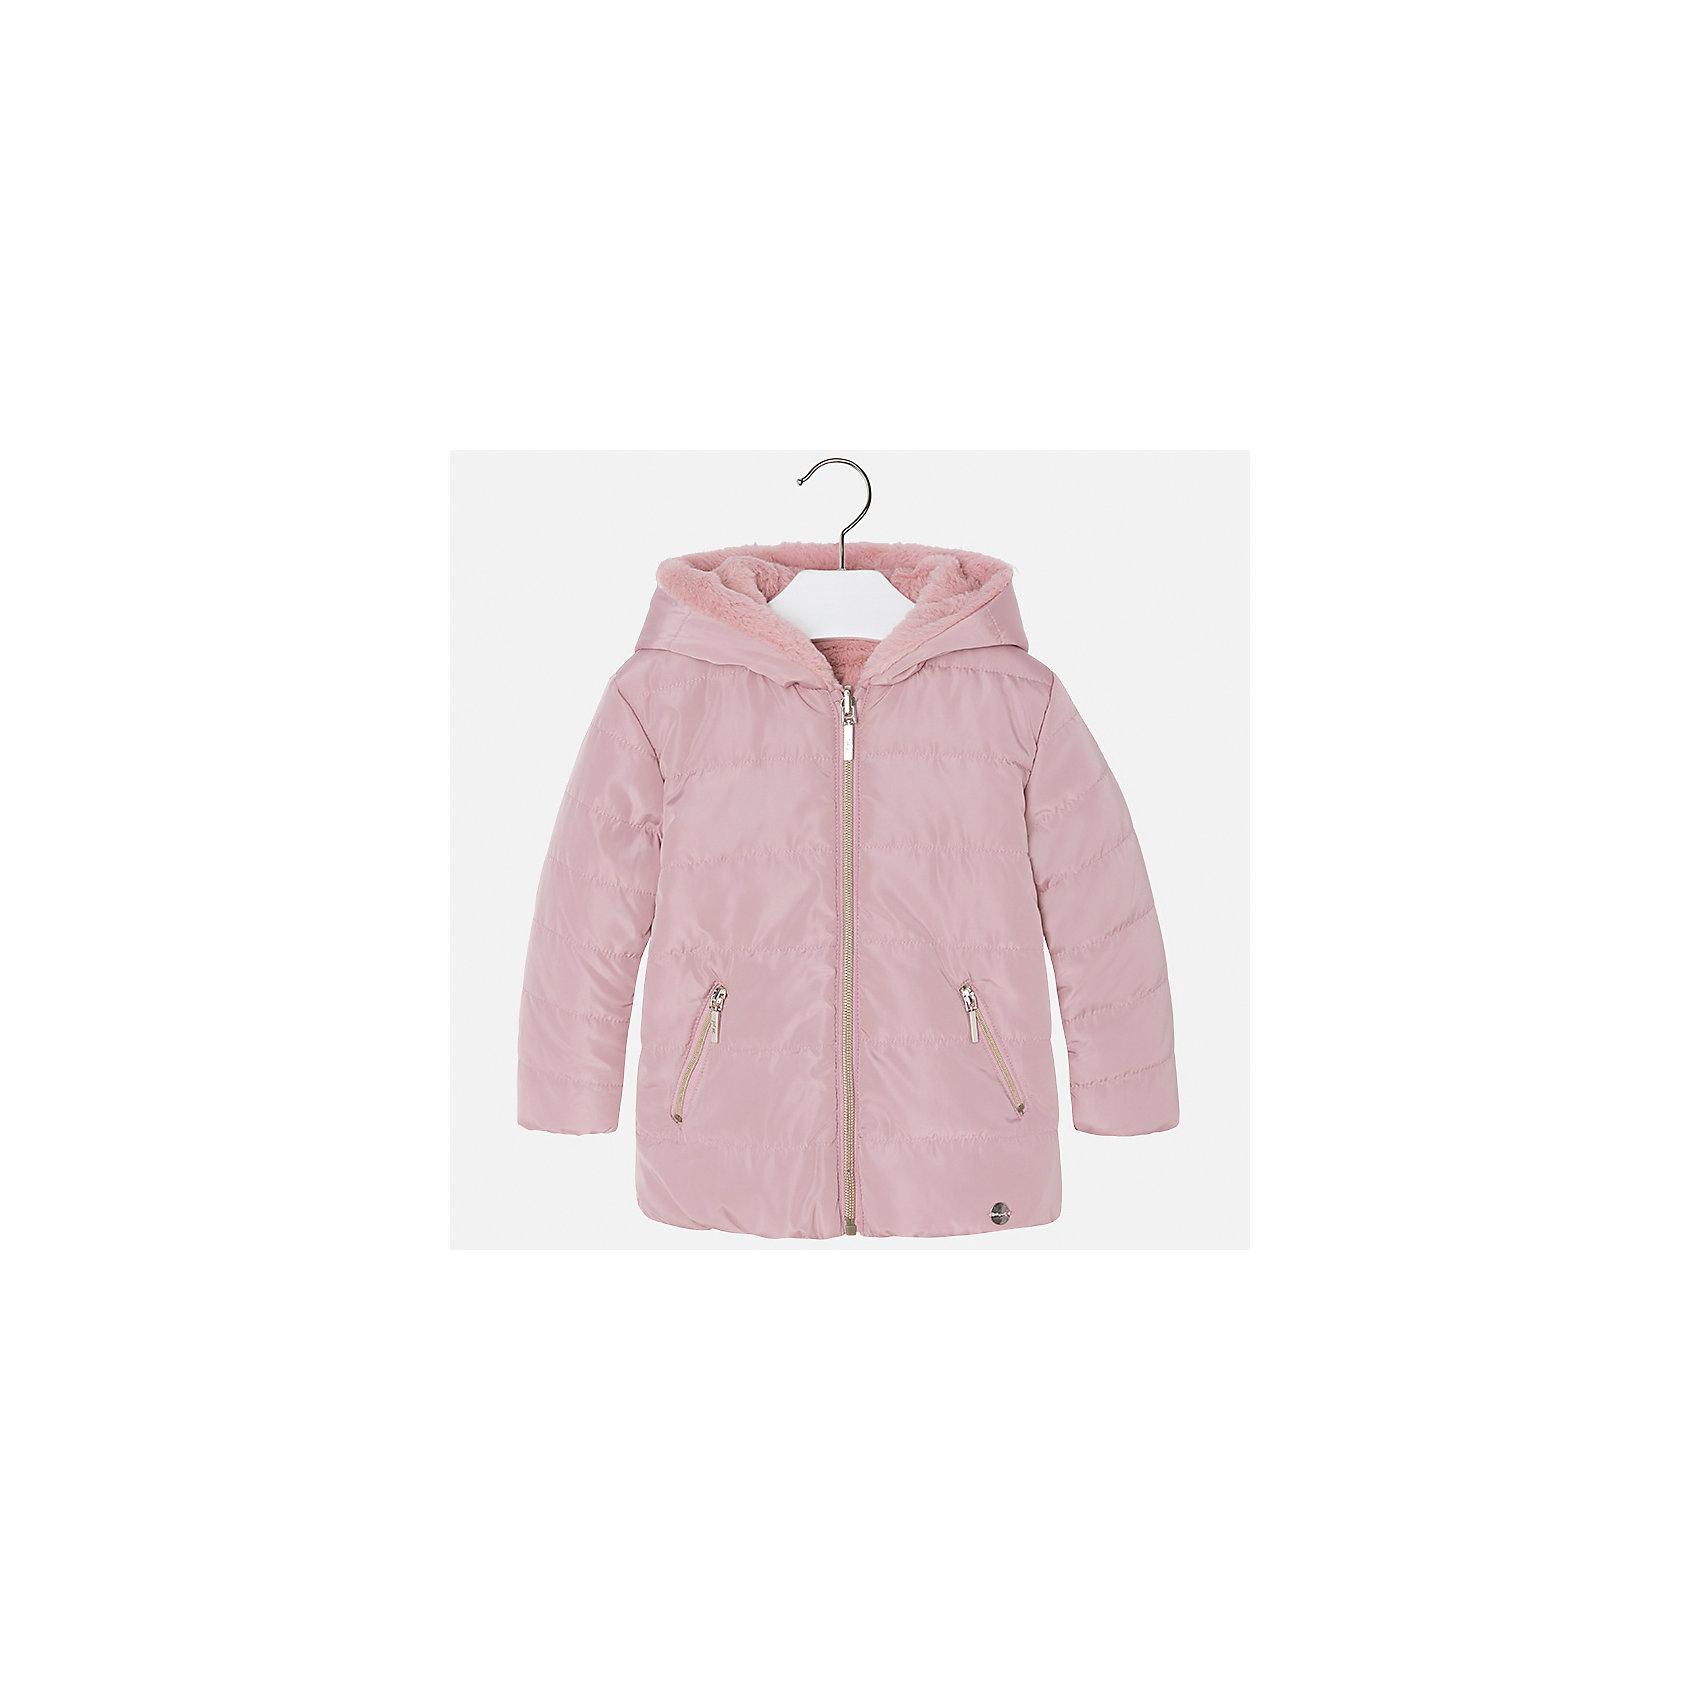 Куртка Mayoral для девочкиВерхняя одежда<br>Характеристики товара:<br><br>• цвет: розовый<br>• состав ткани: 100% полиамид, подклад - 100% полиэстер, утеплитель - 100% полиэстер<br>• застежка: молния<br>• капюшон<br>• двусторонняя<br>• сезон: демисезон<br>• температурный режим: от 0 до -10С<br>• страна бренда: Испания<br>• страна изготовитель: Китай<br><br>Такая куртка легко выворачивается на изнанку - и получается еще одна модель верхней одежды другой фактуры. Куртка от Mayoral соответствует новейшим тенденциям молодежной моды. <br><br>Детская одежда от испанской компании Mayoral отличаются оригинальным и всегда стильным дизайном. Качество продукции неизменно очень высокое.<br><br>Куртку для девочки Mayoral (Майорал) можно купить в нашем интернет-магазине.<br><br>Ширина мм: 356<br>Глубина мм: 10<br>Высота мм: 245<br>Вес г: 519<br>Цвет: розовый<br>Возраст от месяцев: 96<br>Возраст до месяцев: 108<br>Пол: Женский<br>Возраст: Детский<br>Размер: 134,92,98,104,110,116,122,128<br>SKU: 6924578